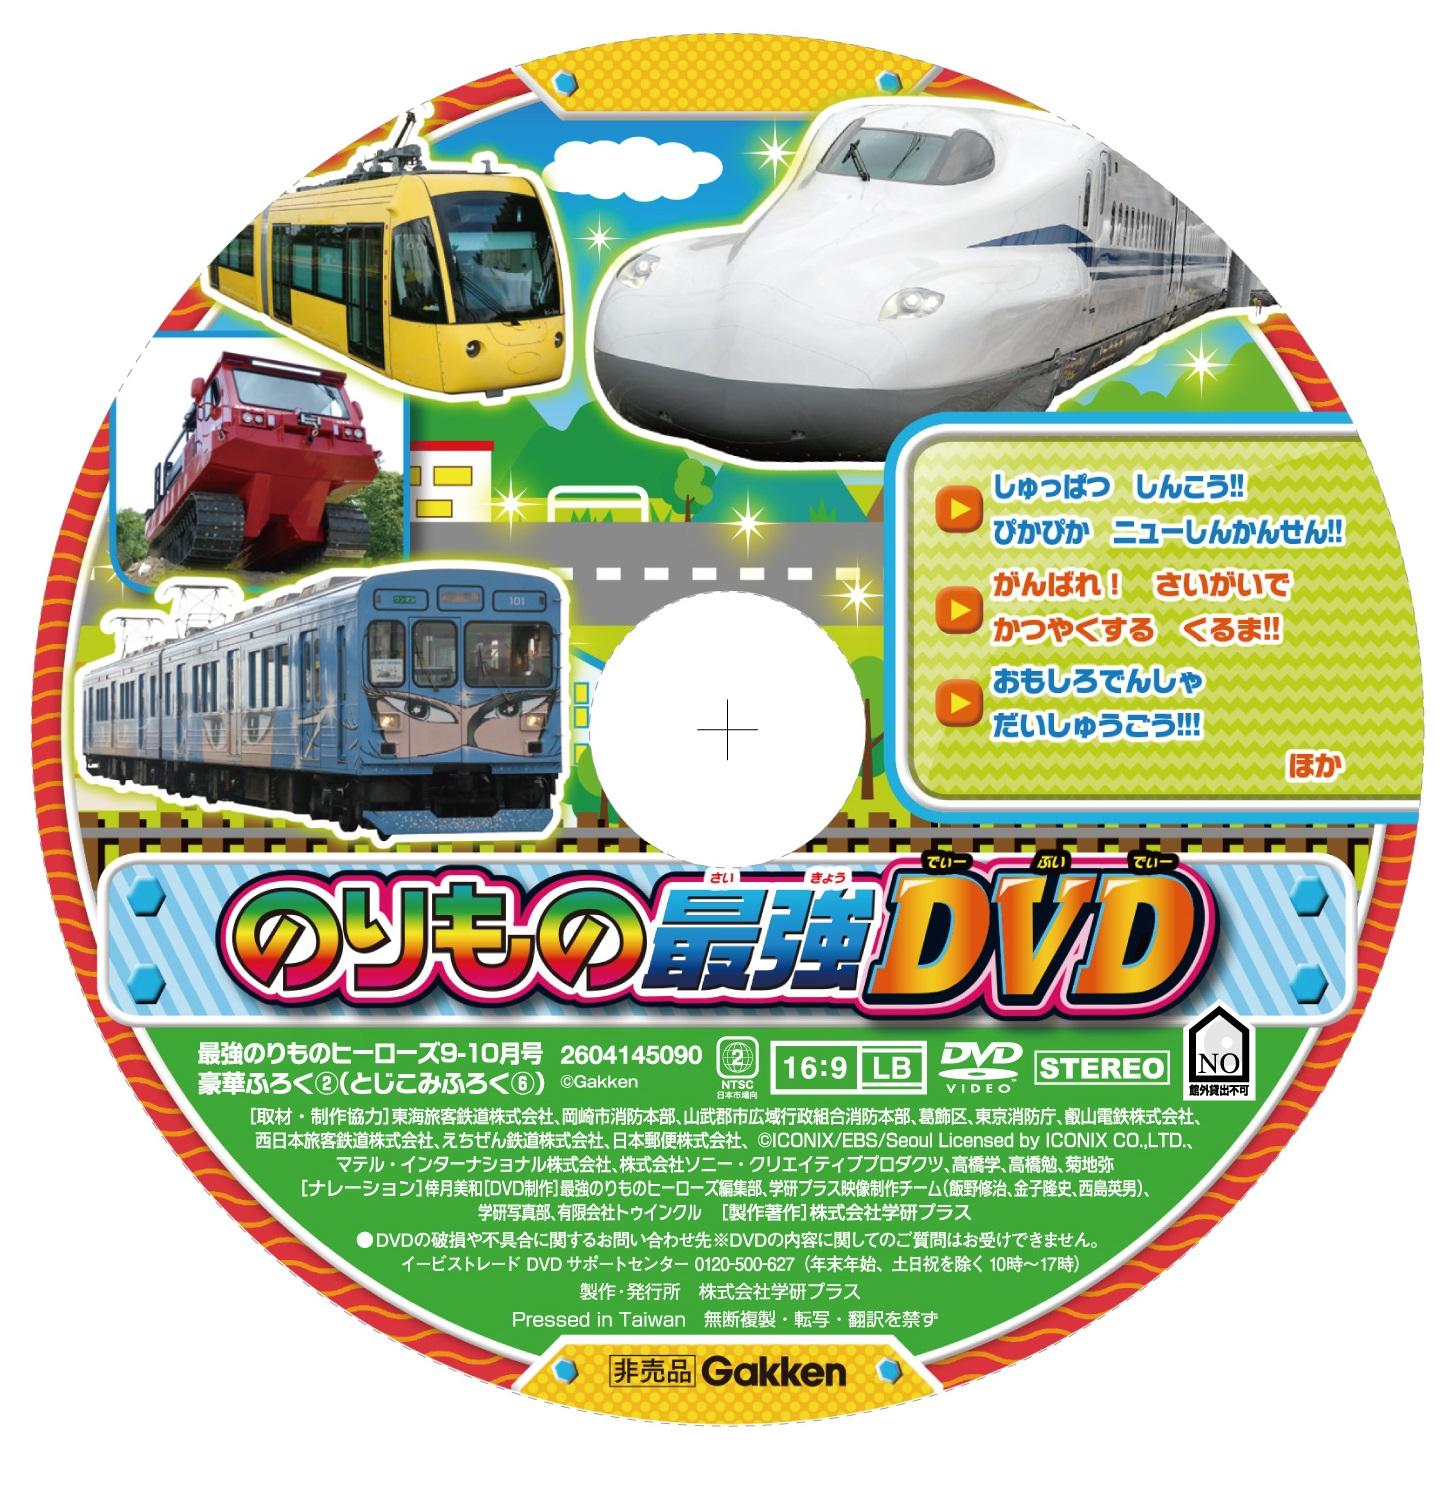 「のりもの最強DVD」盤面